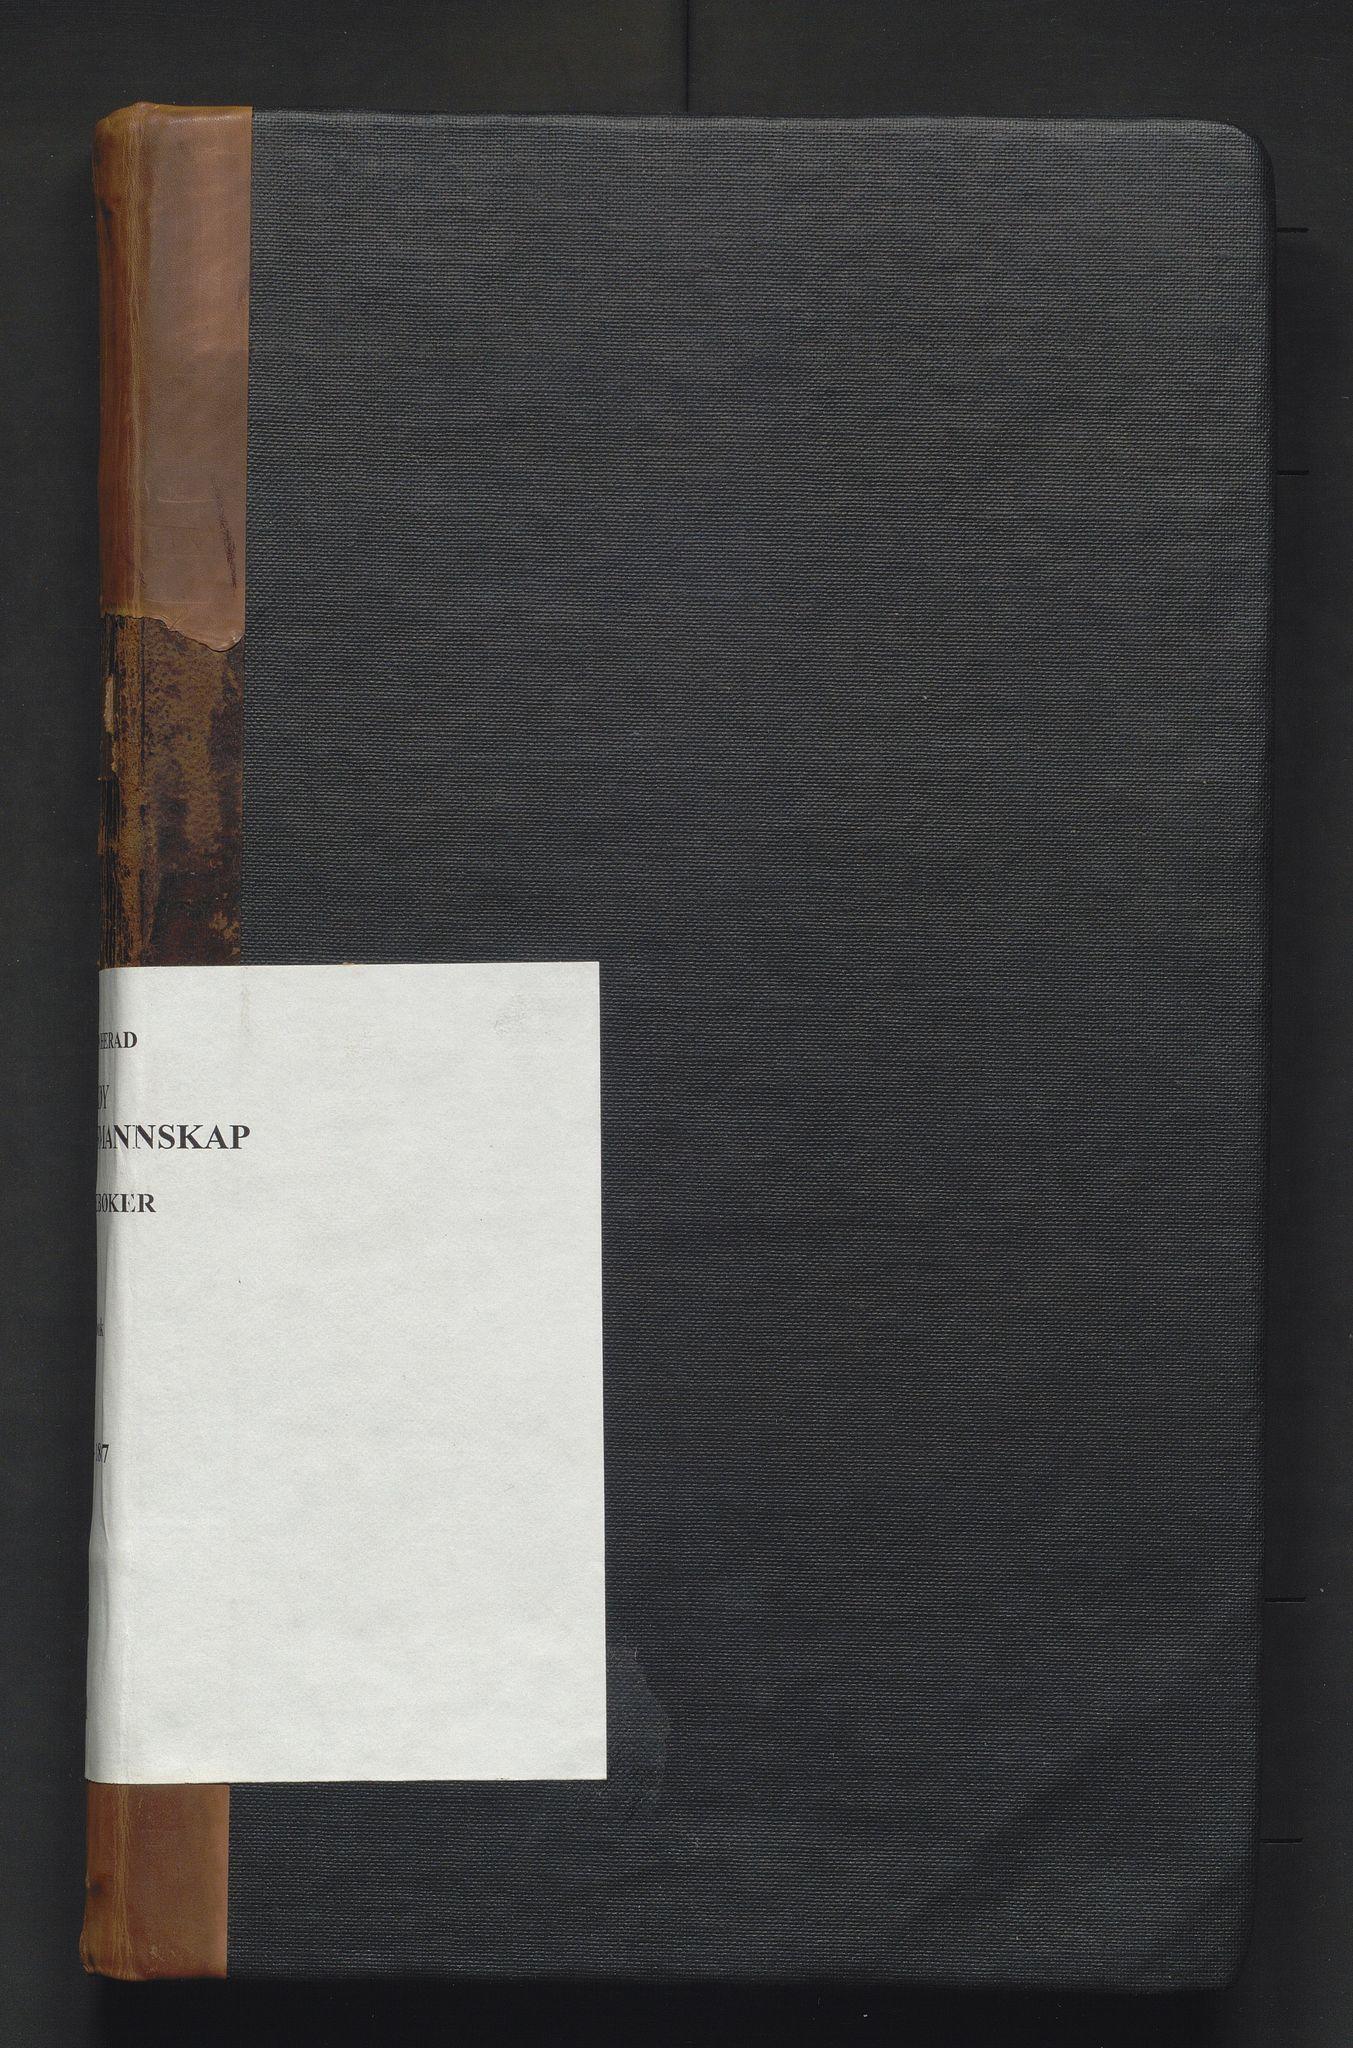 IKAH, Kvam herad. Formannskapet, A/Aa/L0001: Møtebok for Vikøy formannskap, representantskap og soknestyre og Øystese soknestyre, 1837-1867